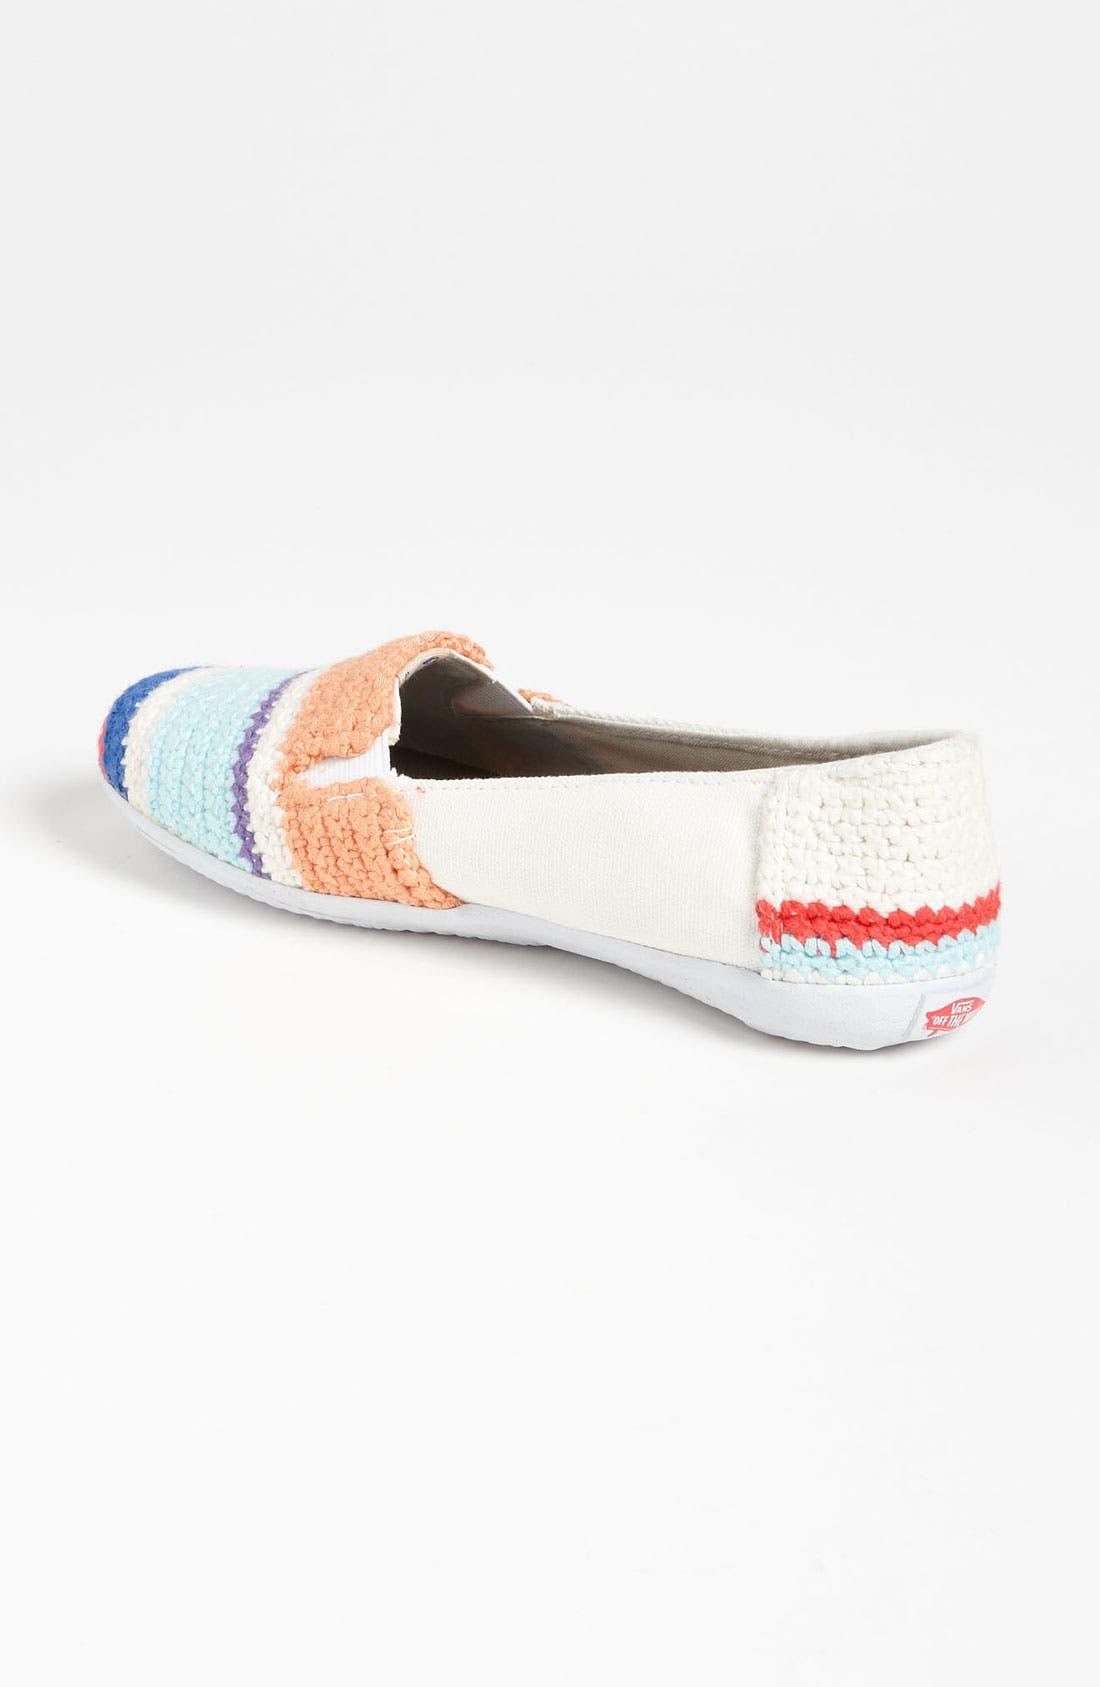 Alternate Image 2  - Vans + Krochet Kids 'Bixie' Crochet Slip-On